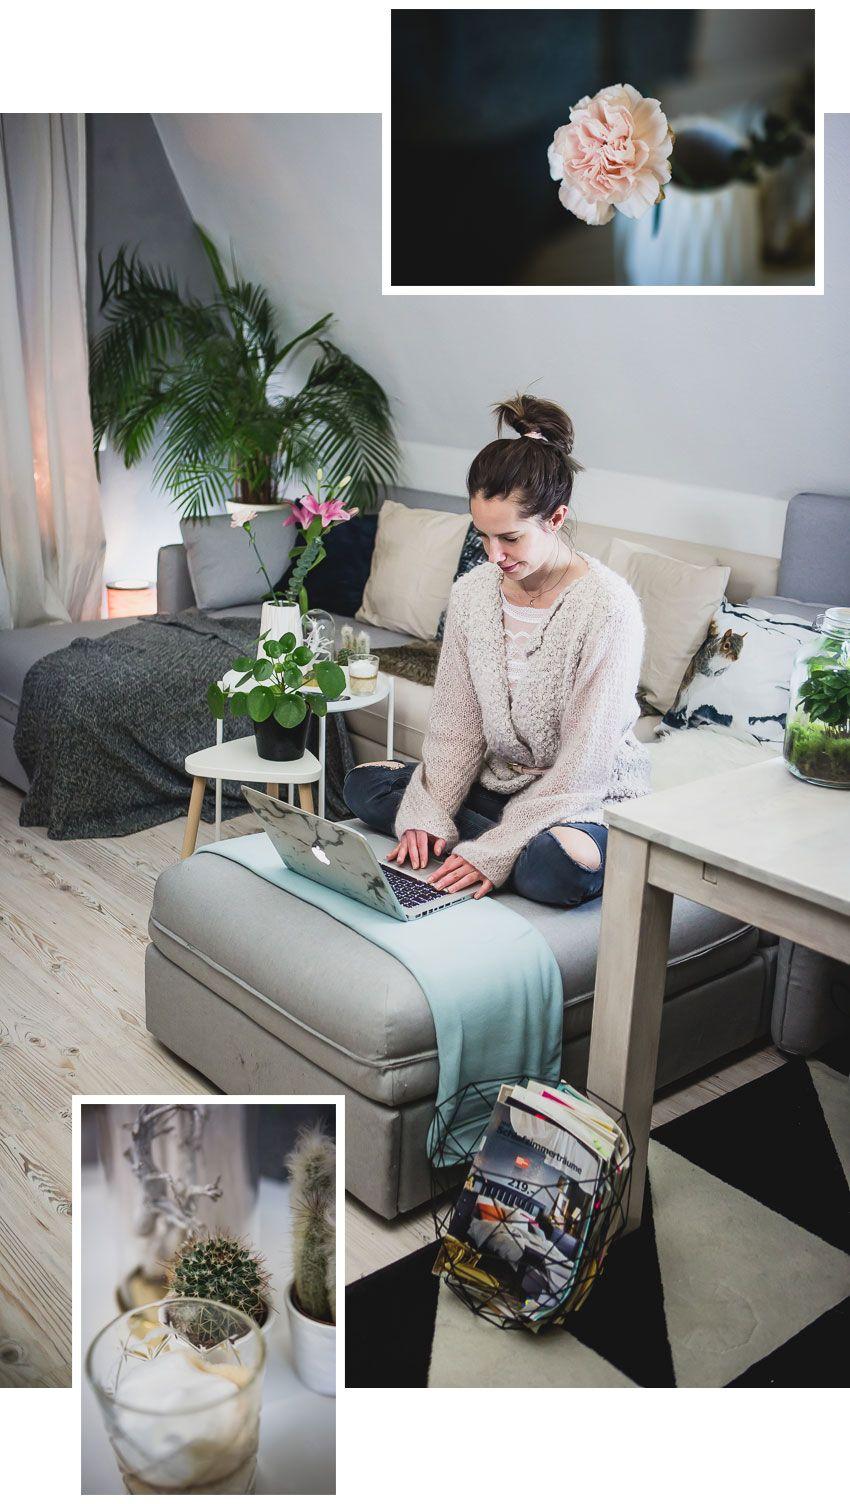 Schöne Wohnzimmer Deko Ideen: Trends schnell, schön und günstig umsetzen